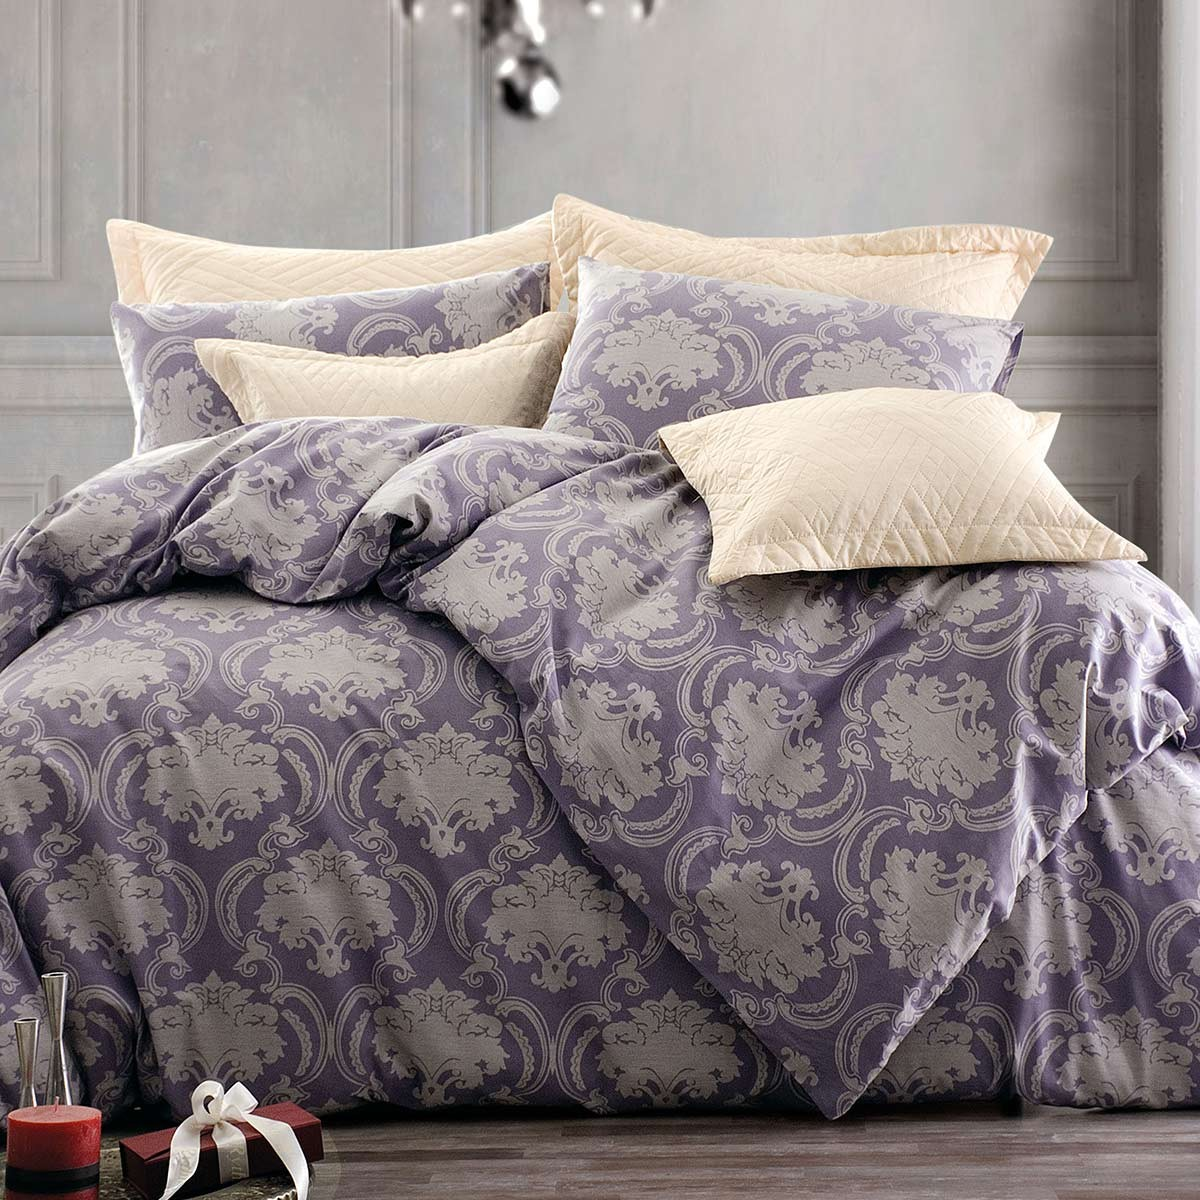 Σεντόνια Μονά (Σετ) Rythmos Symbol Abolina Purple ΧΩΡΙΣ ΛΑΣΤΙΧΟ ΧΩΡΙΣ ΛΑΣΤΙΧΟ